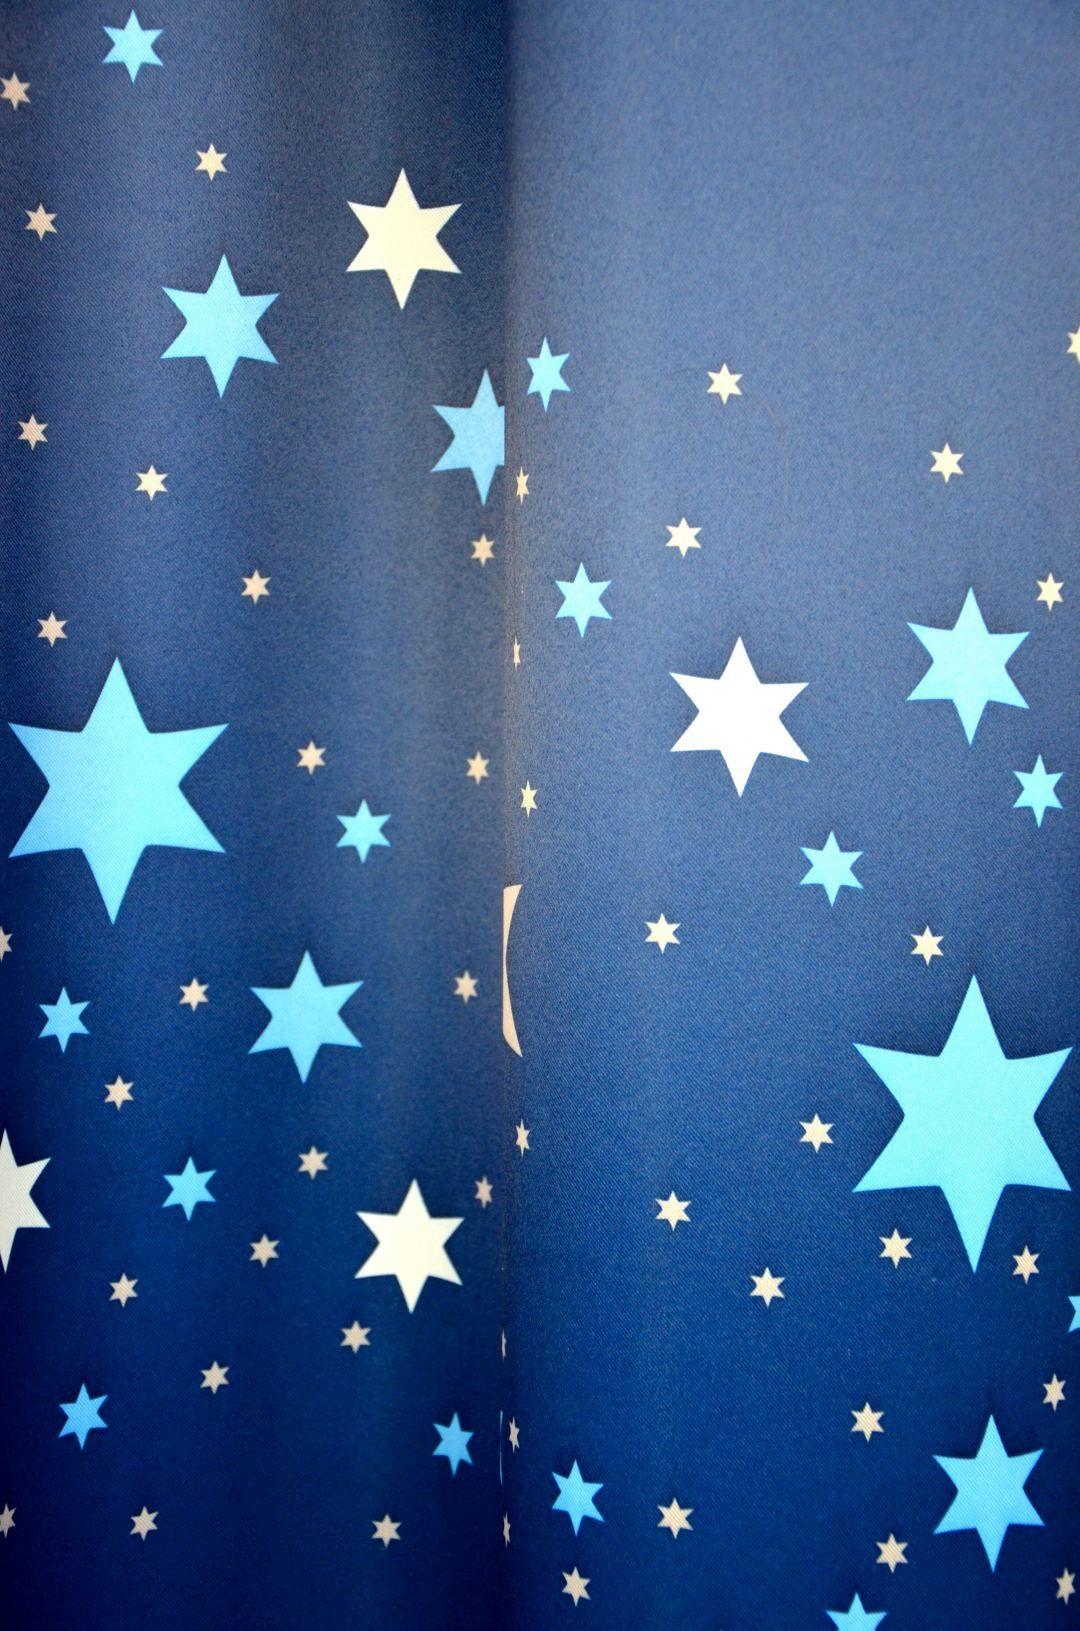 Stars on Pinterest